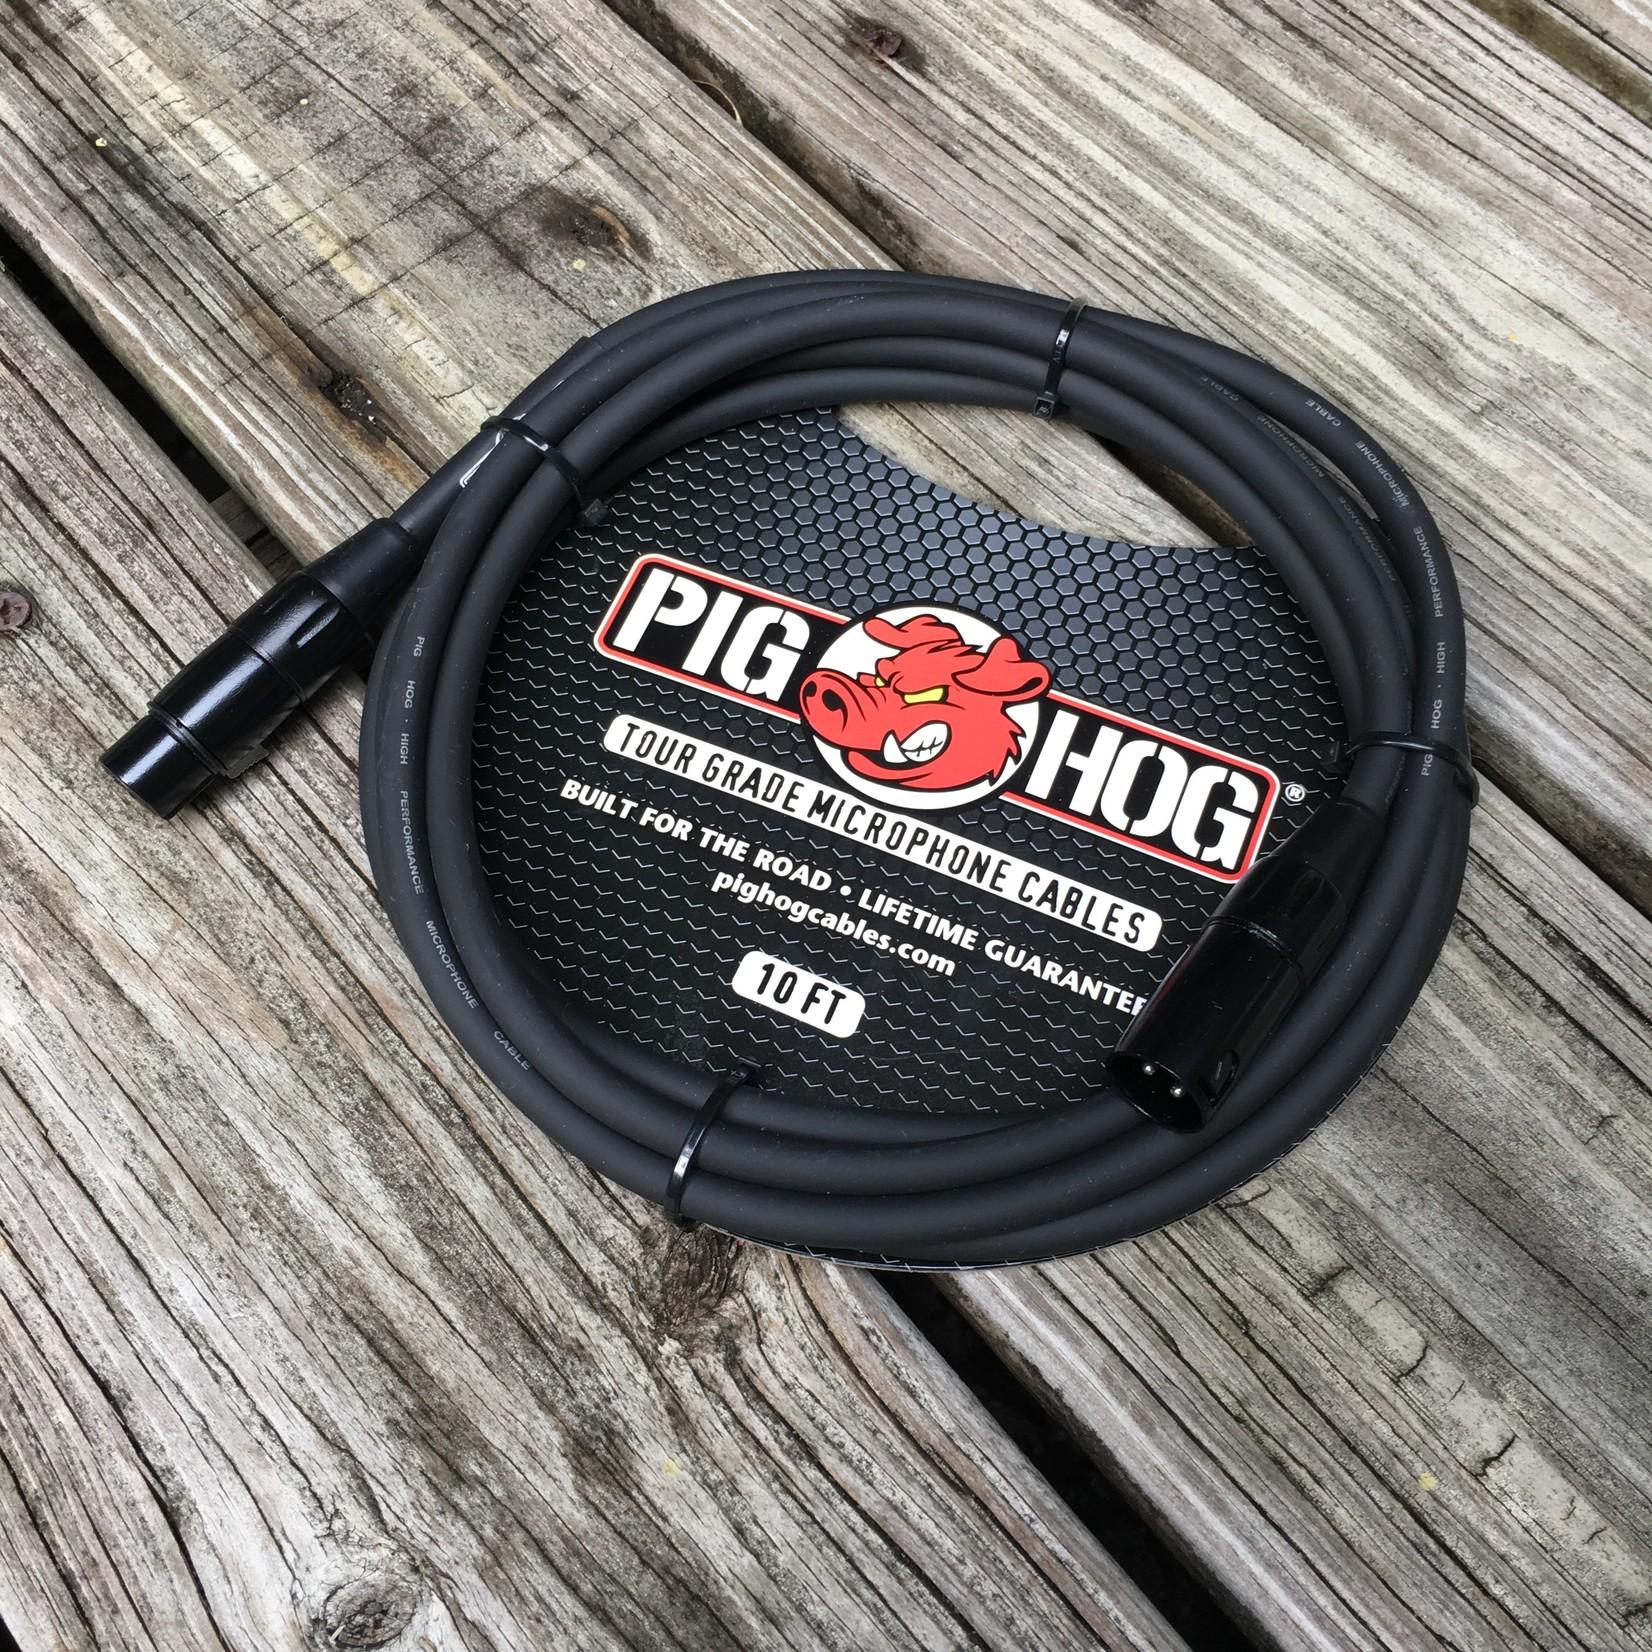 Pig Hog Pig Hog 8mm Tour Grade Microphone Cable, 10ft XLR (PHM10)